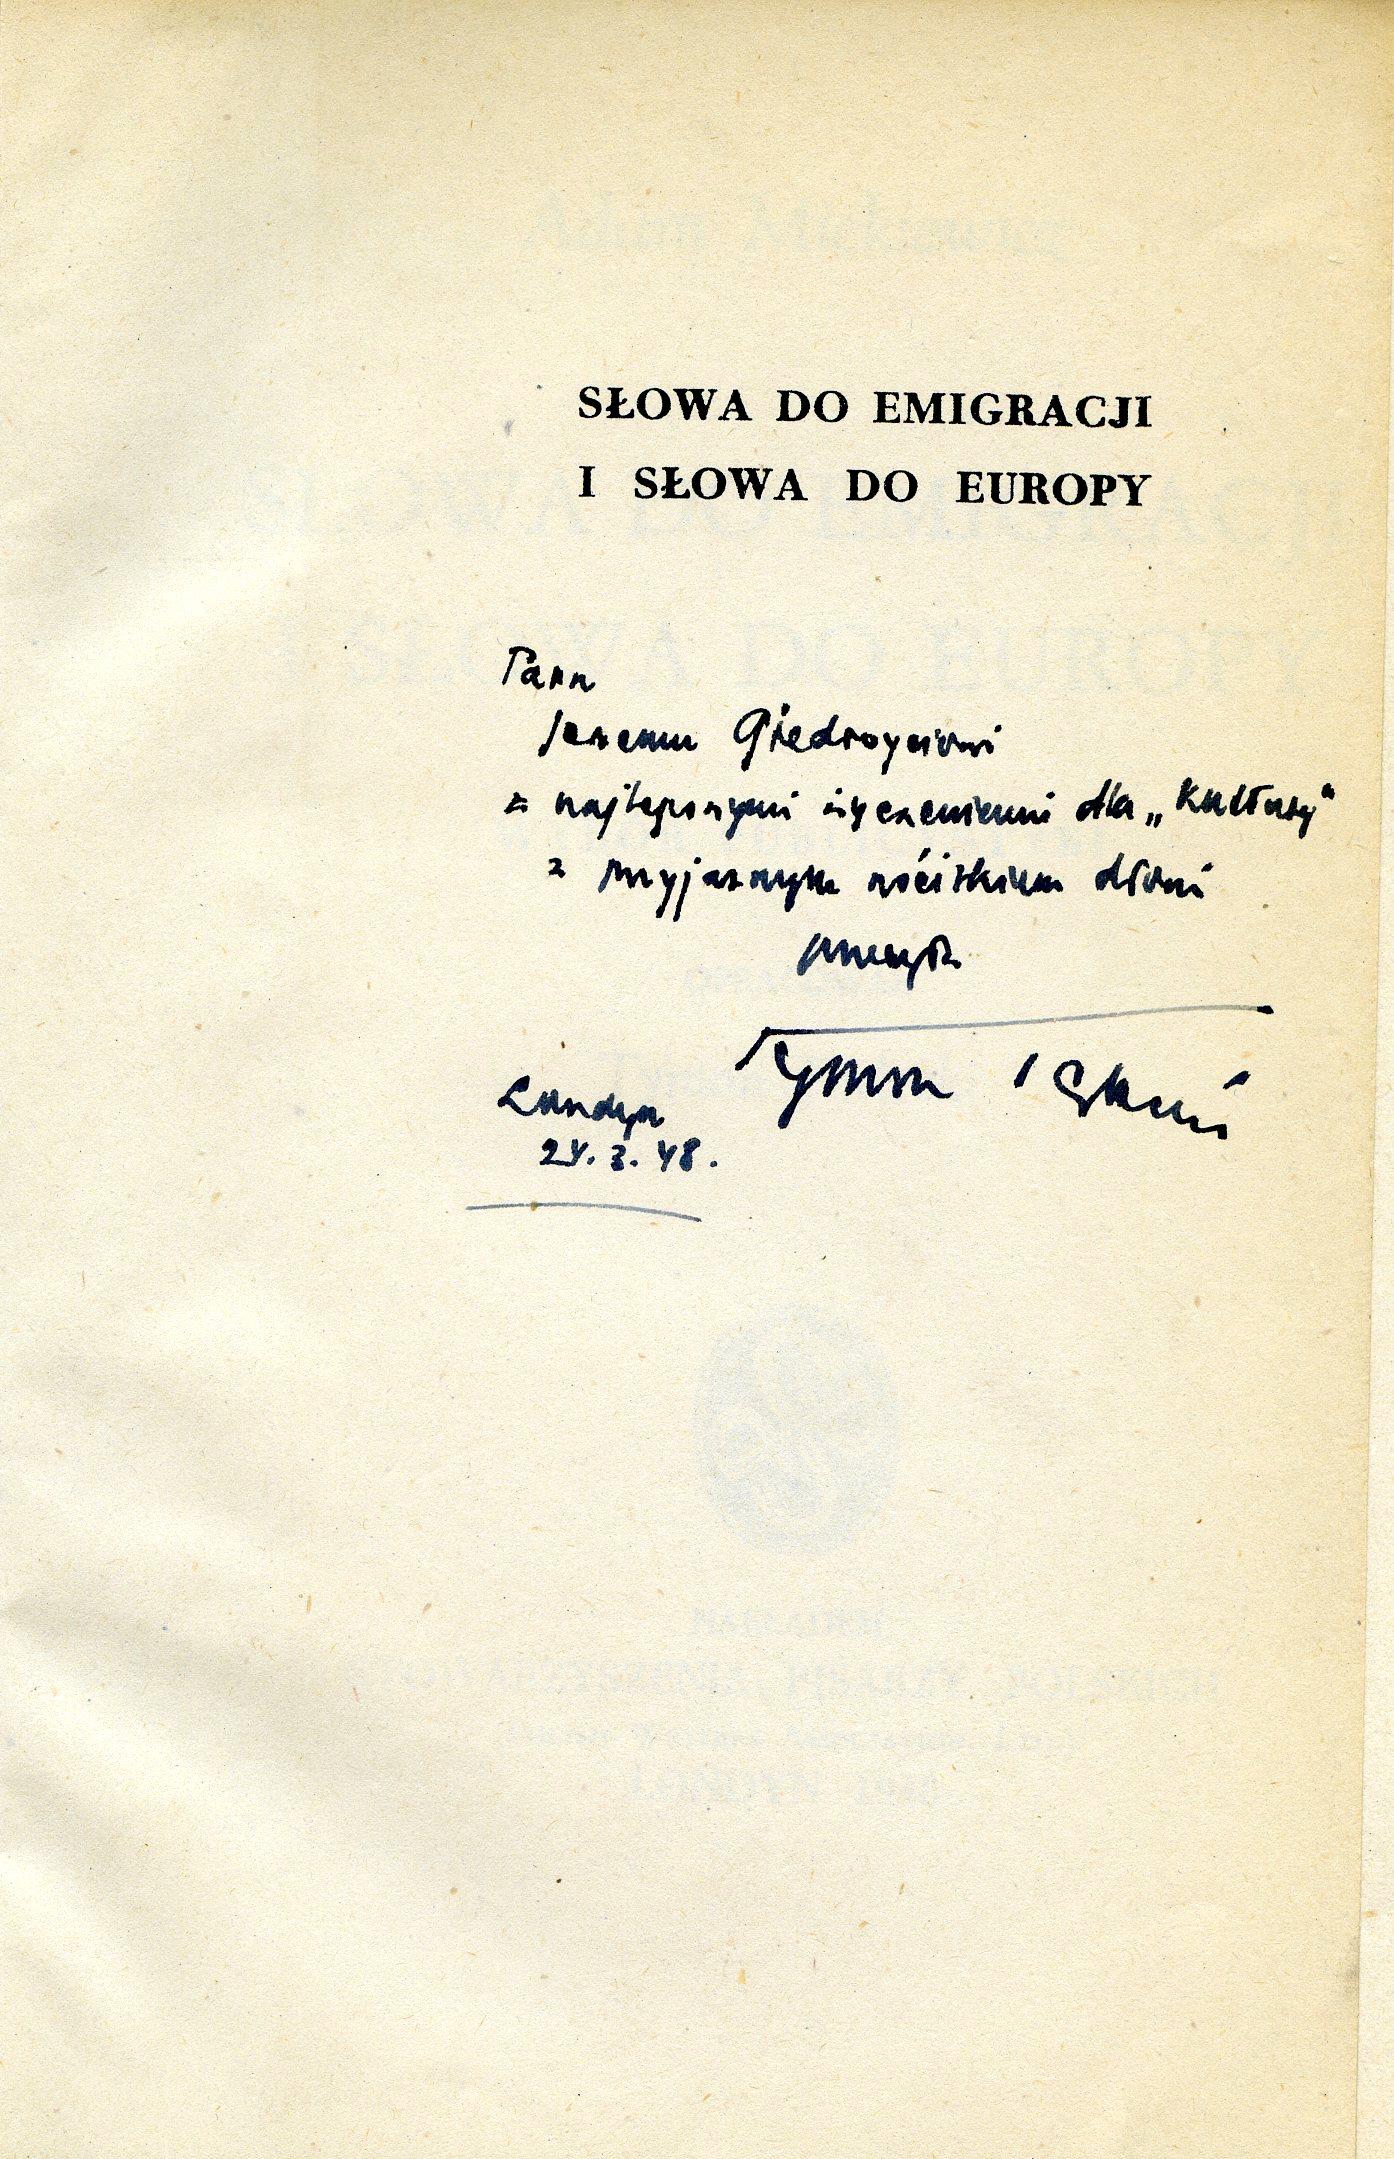 """<div class='inner-box'><div class='close-desc'></div><span class='opis'>Dedykacja: Tymon Terlecki dla Jerzego Giedroycia. Adam Mickiewicz """"Słowa do emigracji i słowa do Europy"""", opr. Tymon Terlecki, SPP, Londyn 1948.</span><div class='clearfix'></div><span>Cote du document dedyk049b</span><div class='clearfix'></div><span>© Instytut Literacki</span></div>"""